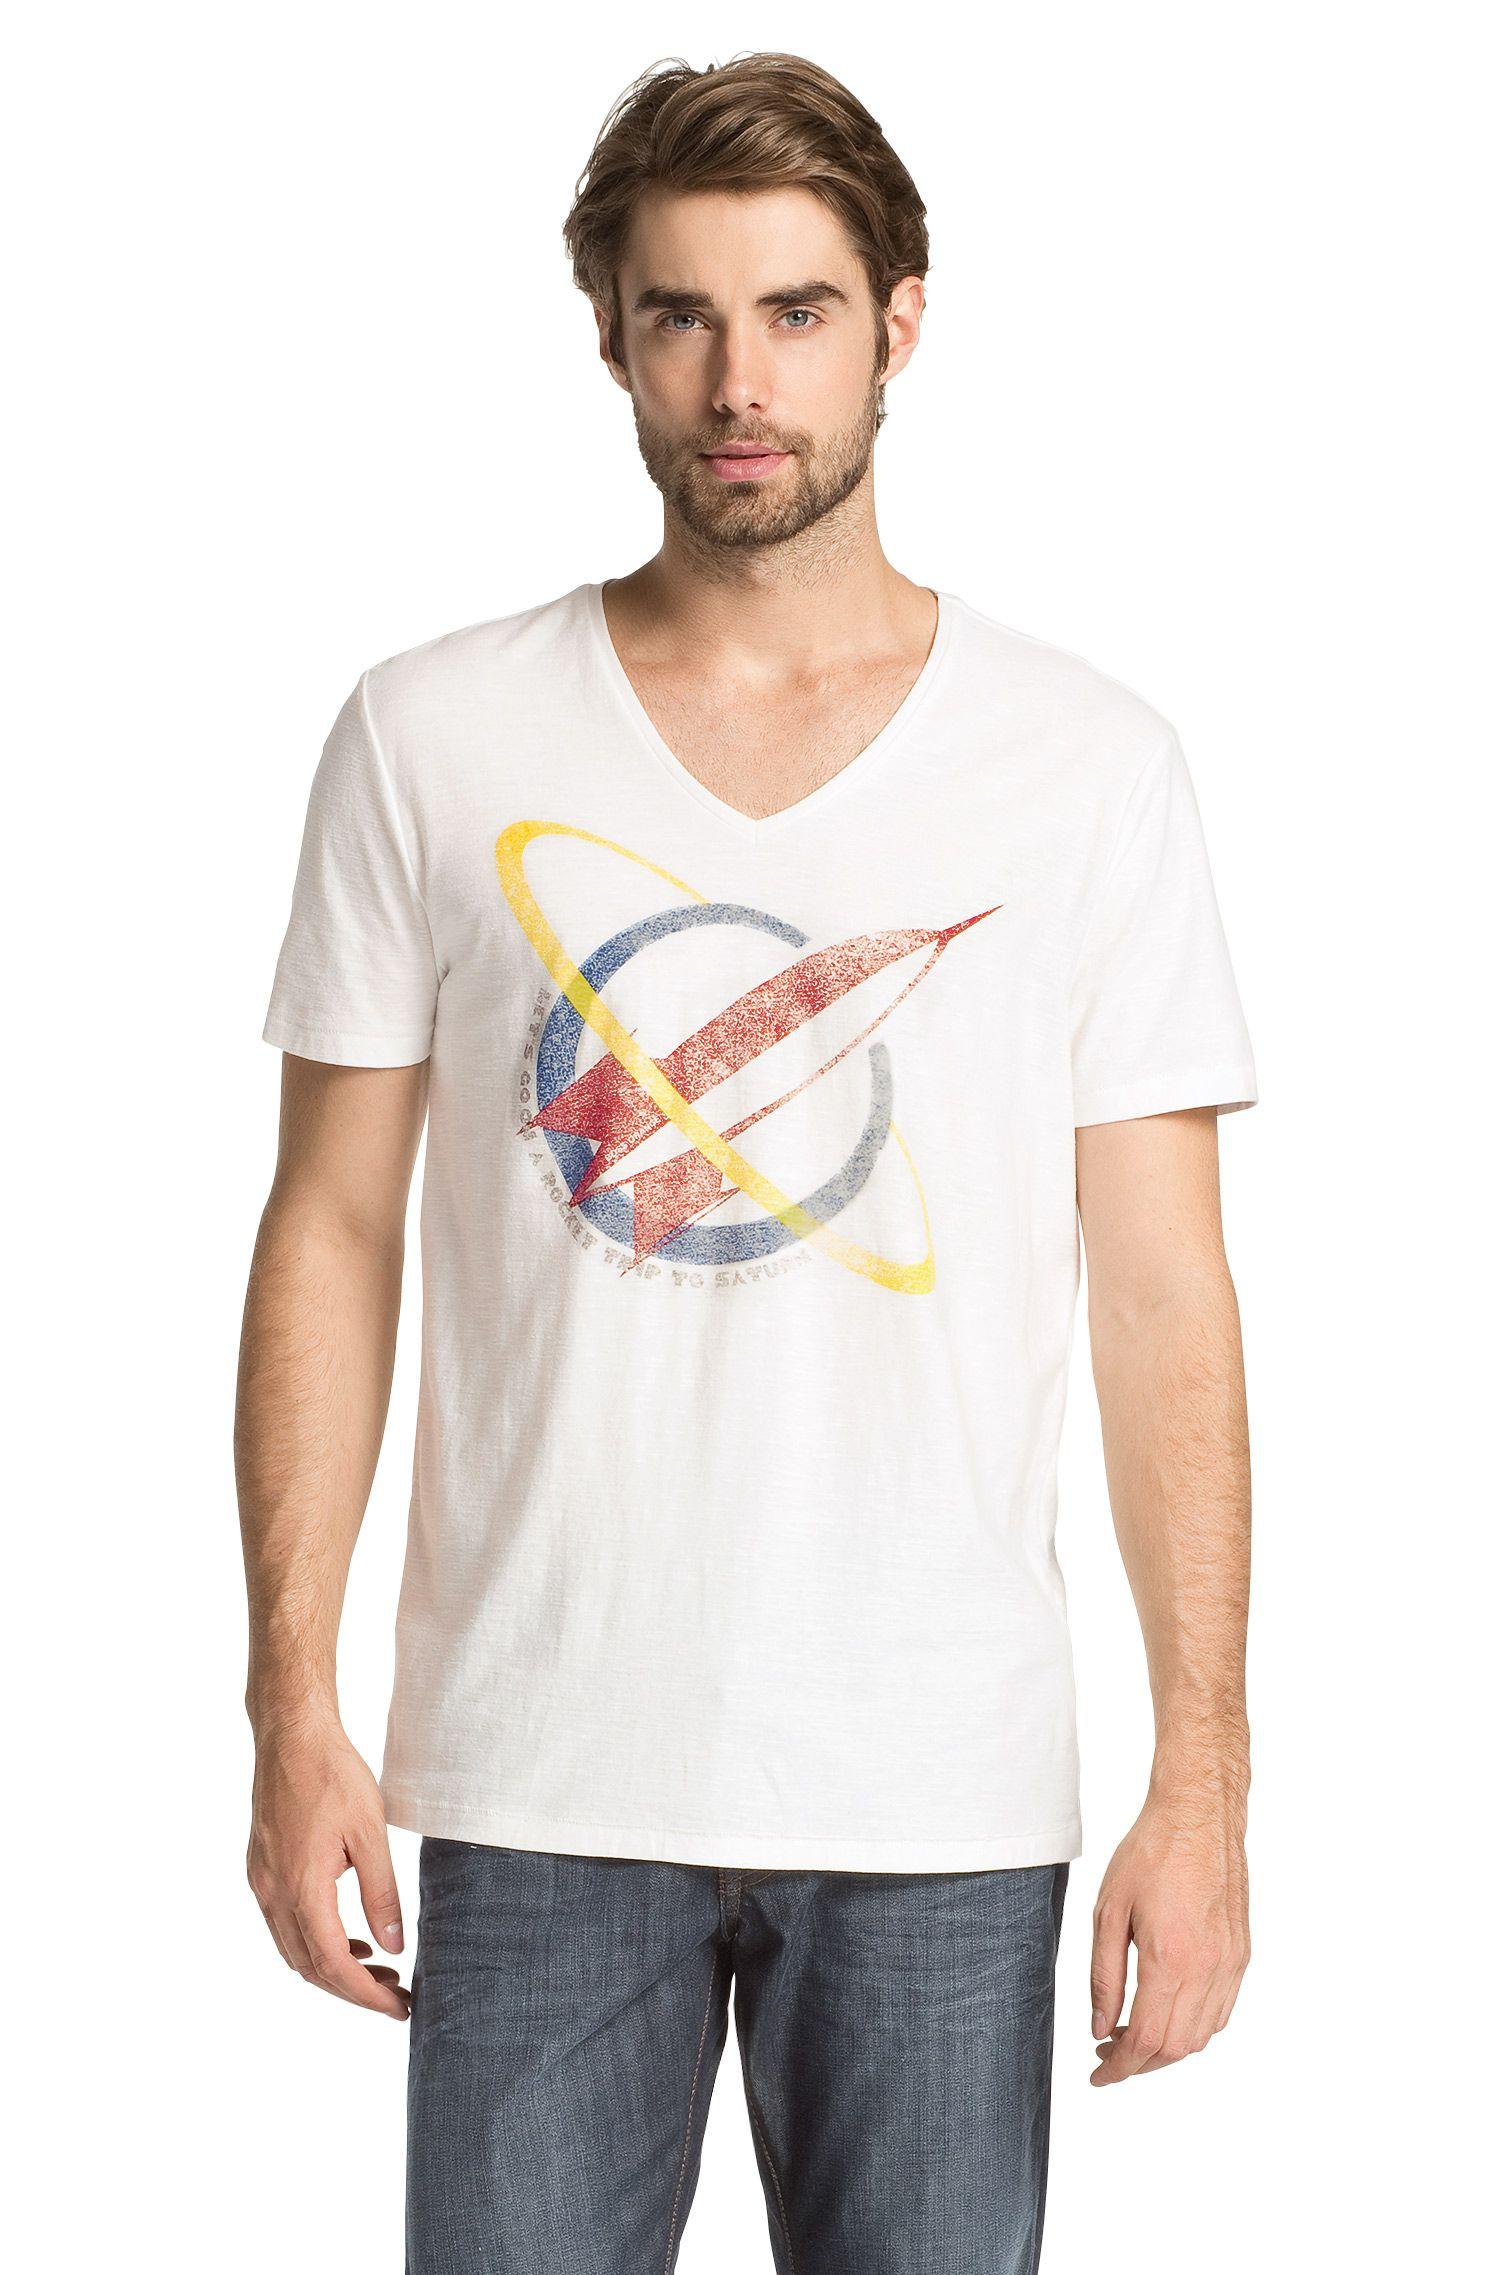 T-shirt à imprimé fusée, Taury